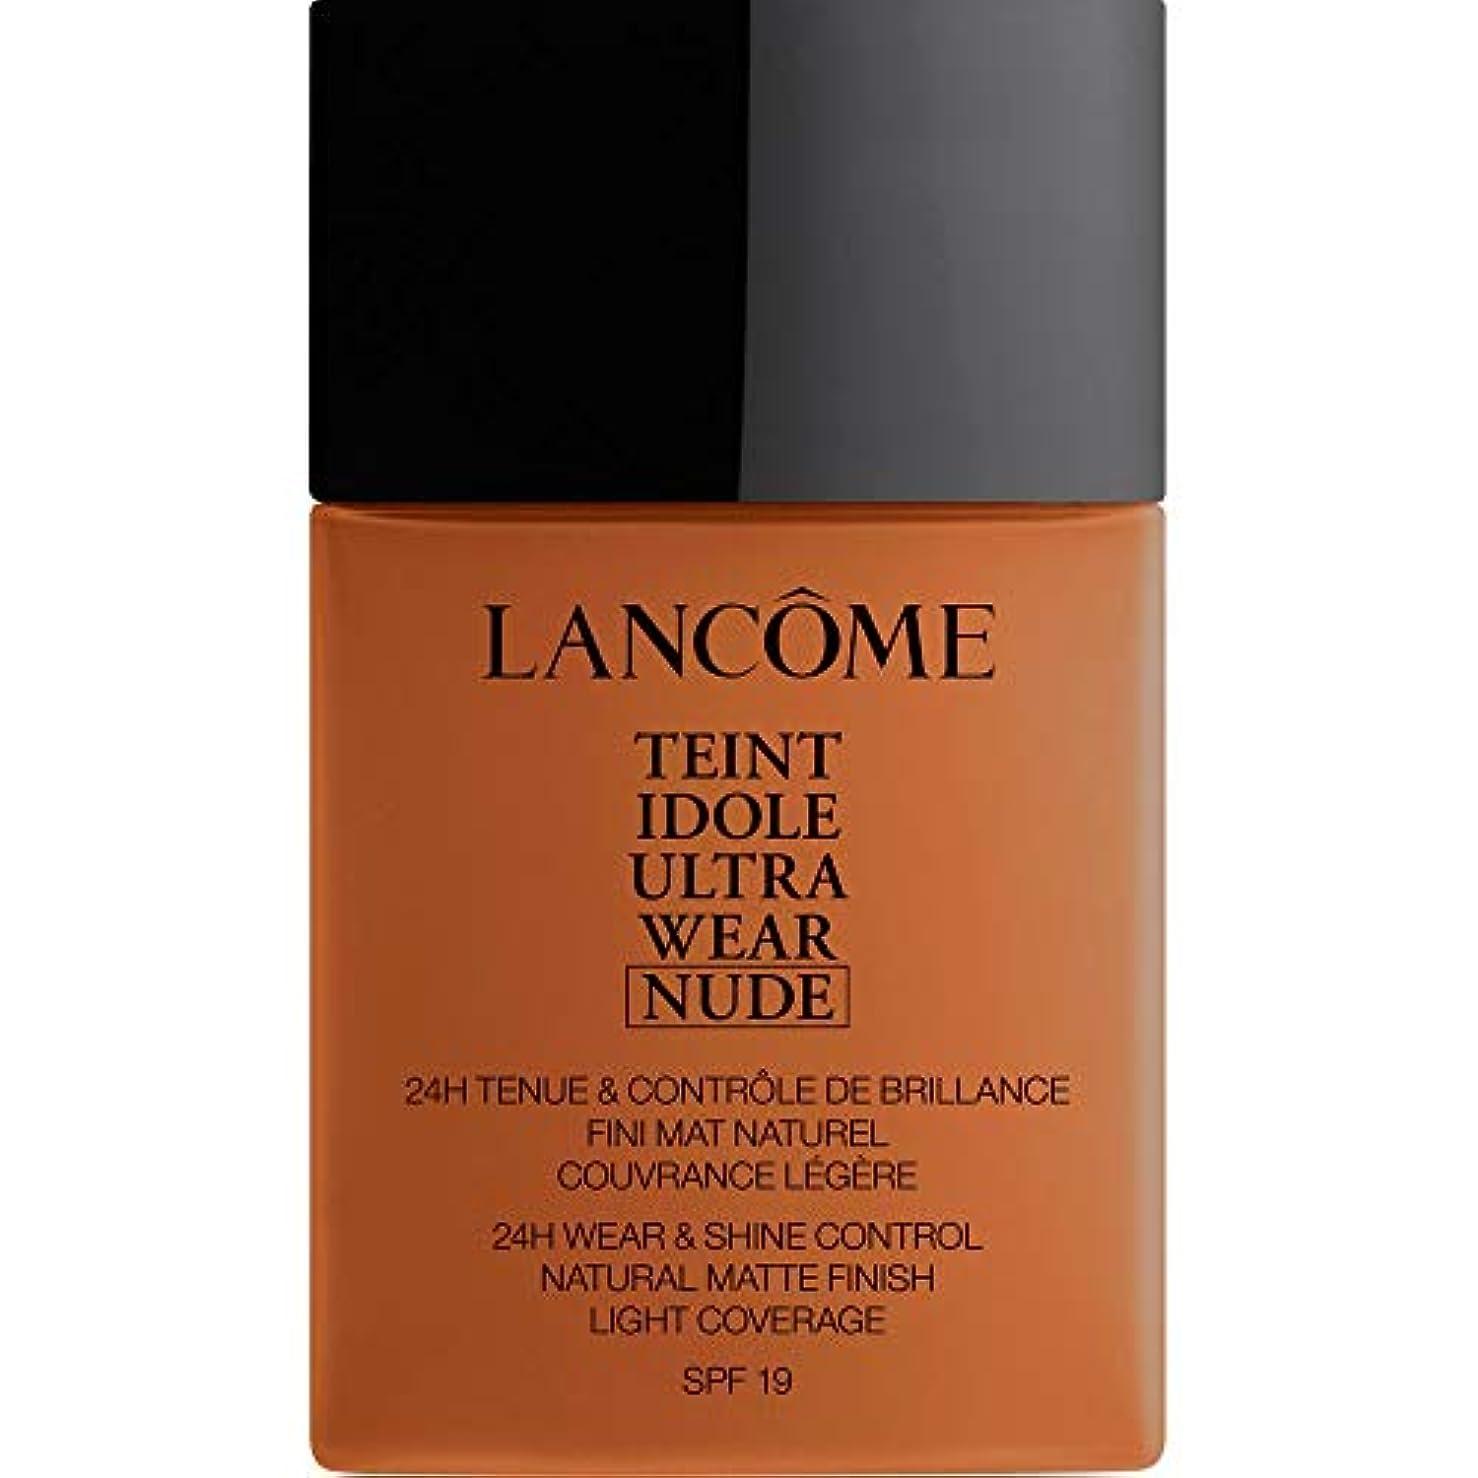 浸食地質学続ける[Lanc?me ] アンブレ - ランコムTeintのIdoleは、超ヌード基礎Spf19の40ミリリットル12を着用します - Lancome Teint Idole Ultra Wear Nude Foundation...